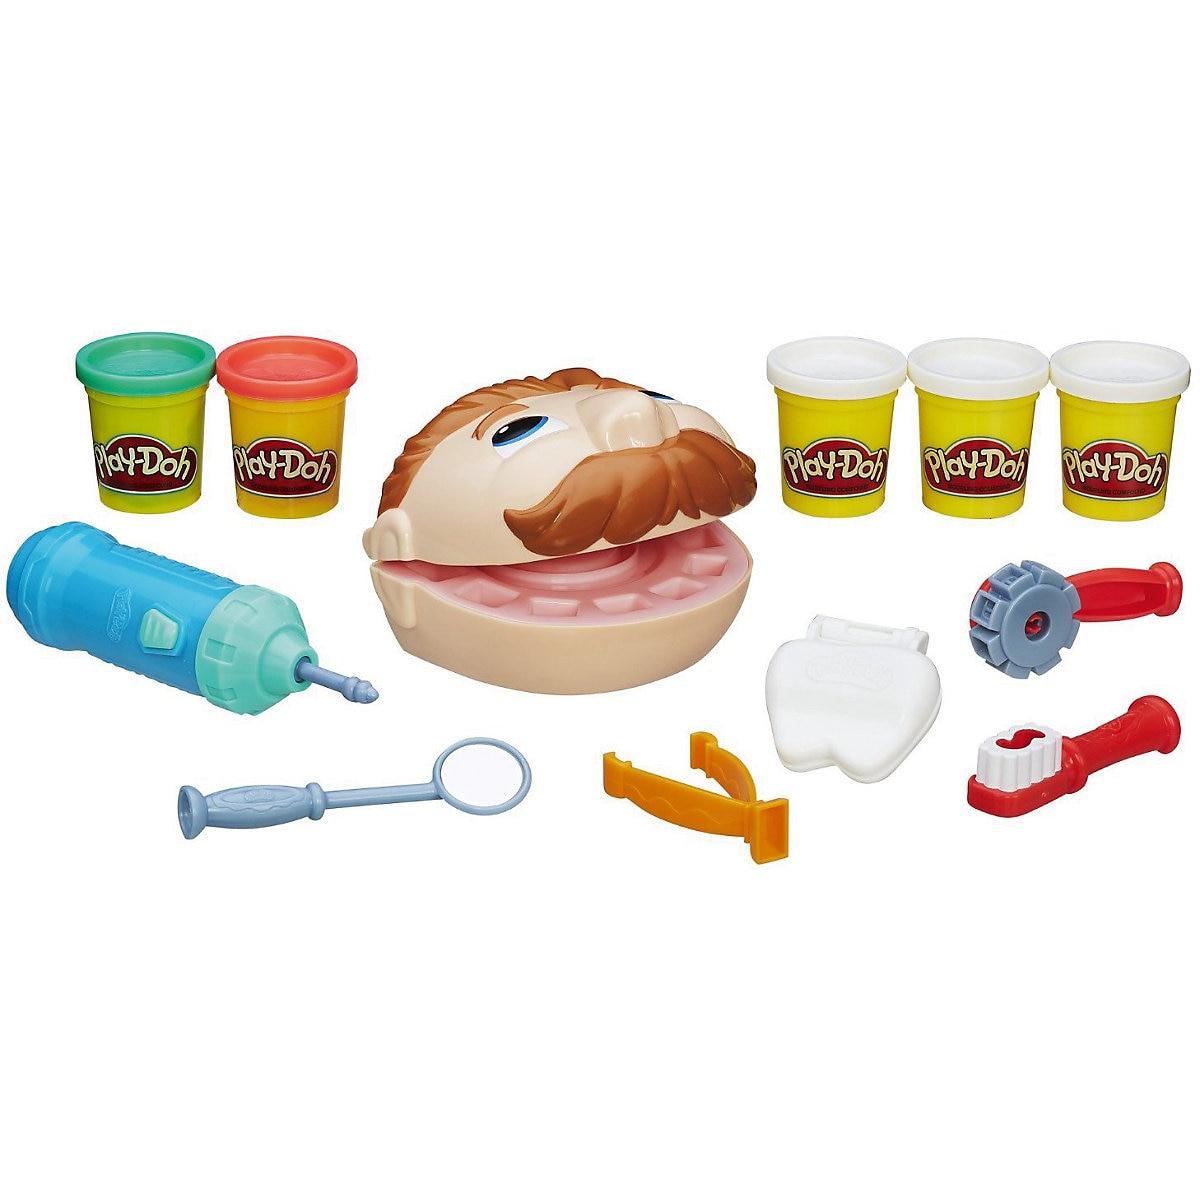 Pâte à modeler Slime HASBRO 4678449 enfants ensemble créatif jouet jouets jeu jeux enfants bébé garçons papeterie Lizun play-doh MTpromo - 3